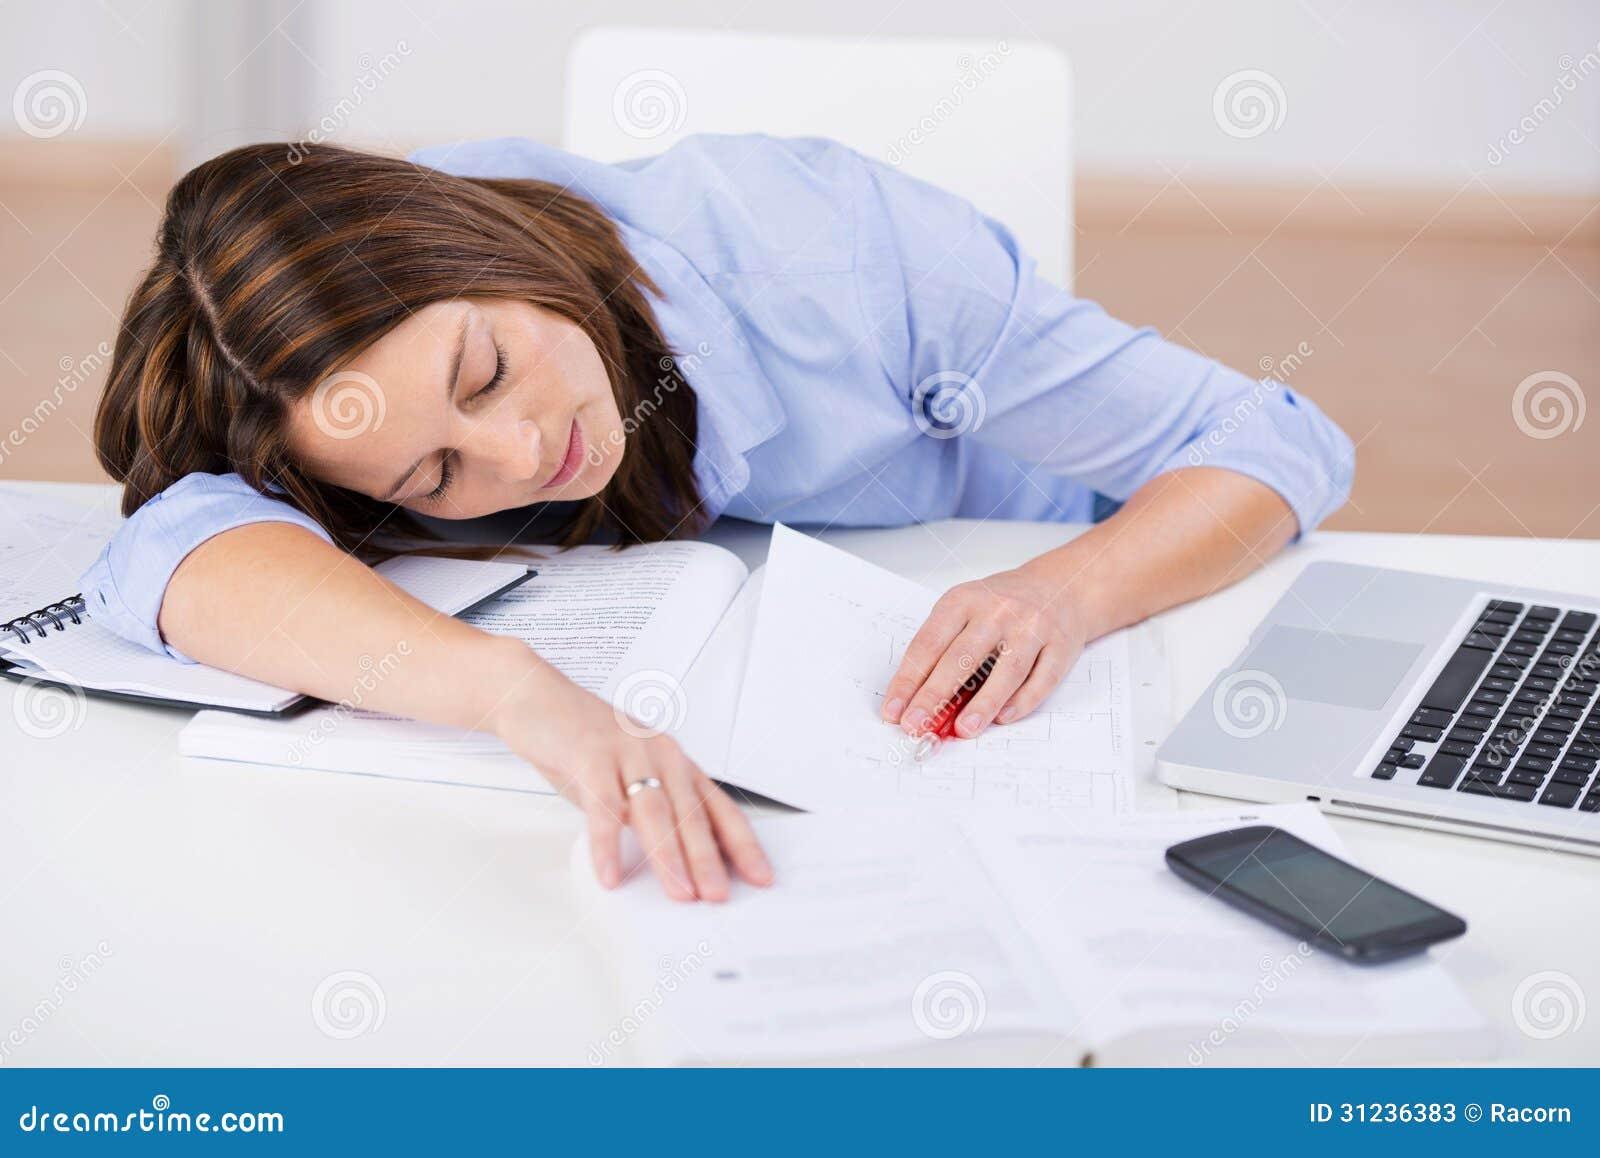 funny students in classroom sleeping